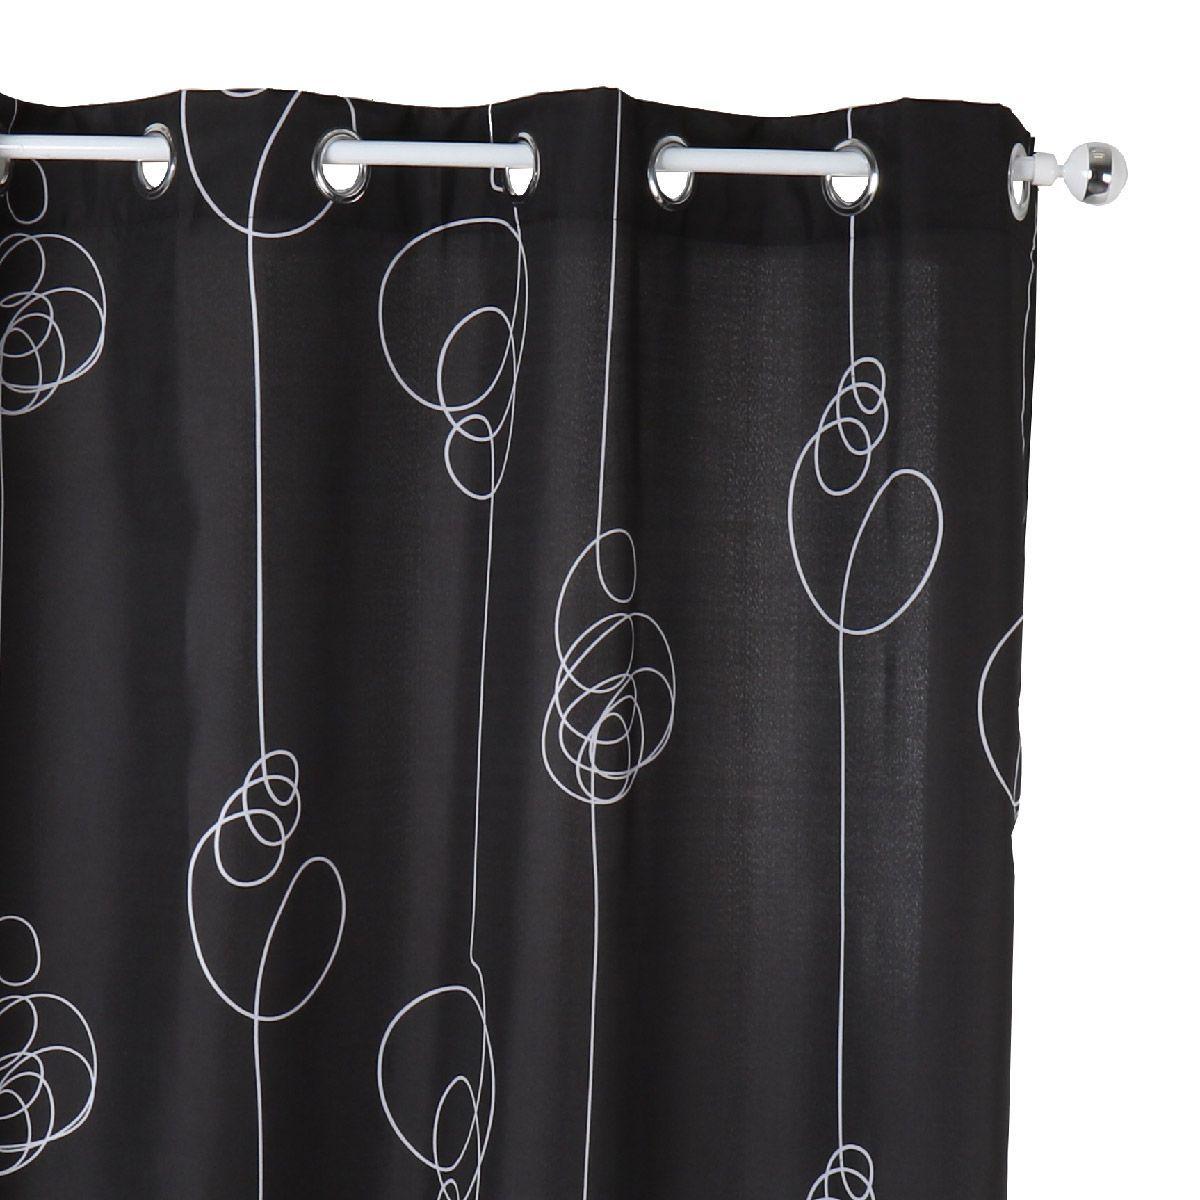 rideaux noir rideau oeillets jacquard spirale noir with rideaux noir rideau oeillets occultant. Black Bedroom Furniture Sets. Home Design Ideas